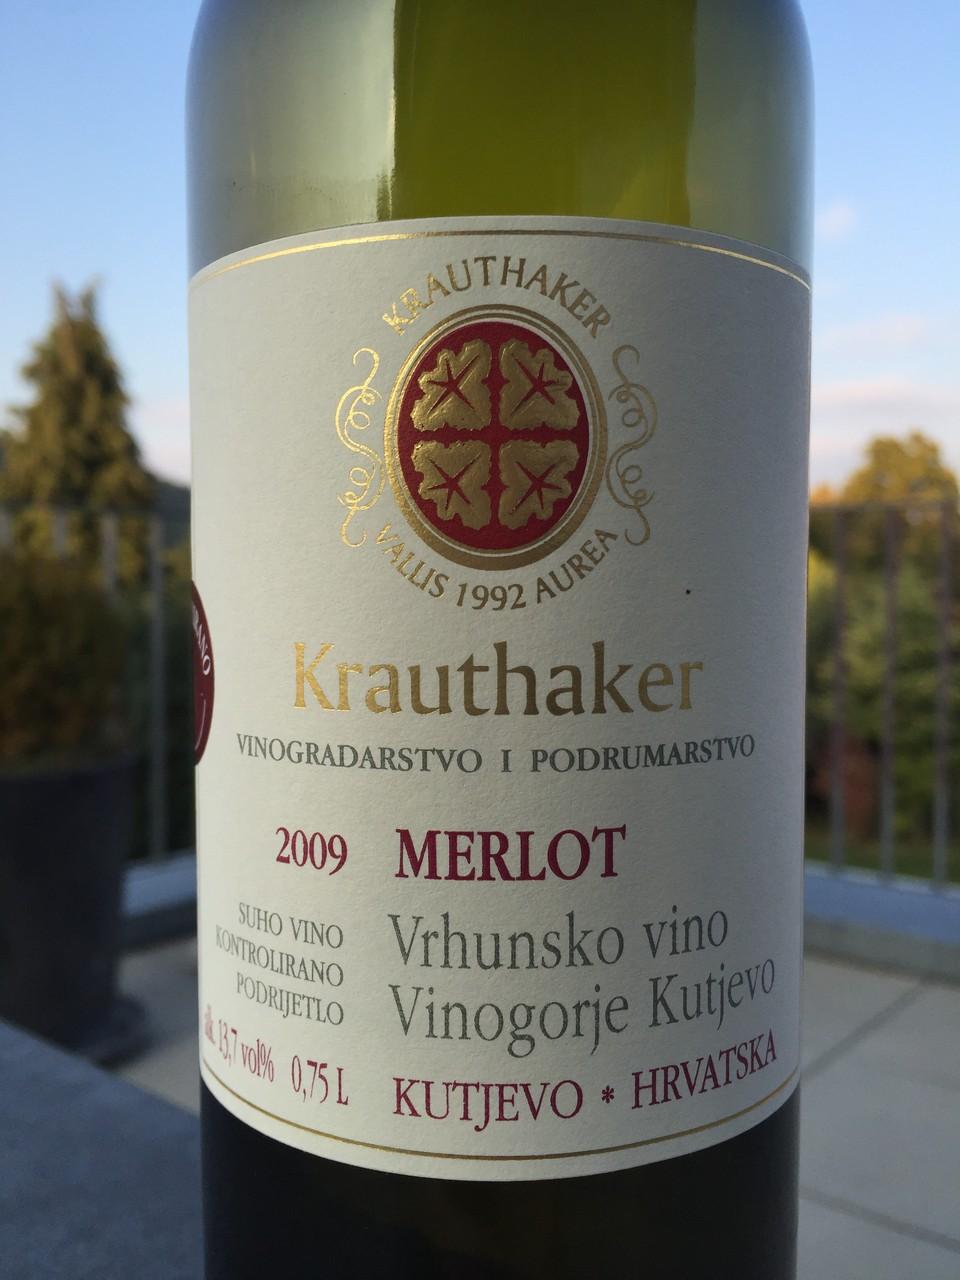 Merlot, Krauthaker, 2009